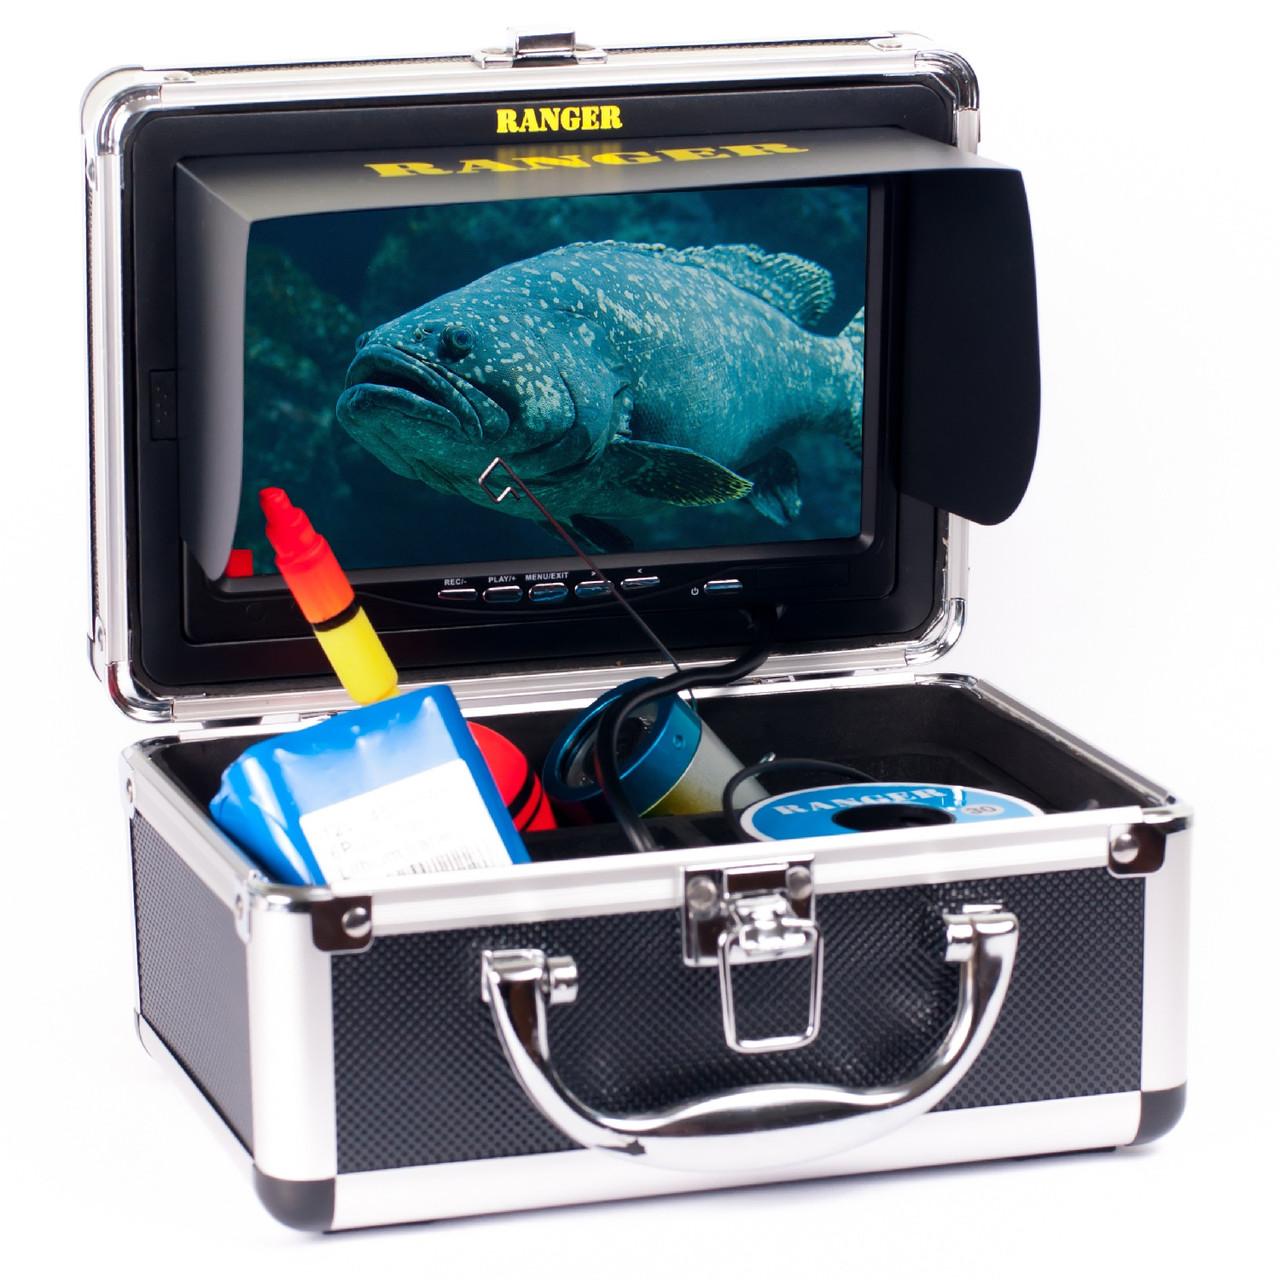 Подводная видеокамера Ranger Lux Record (Арт. RA 8830) + бесплатная доставка!!! -500 ГРН СКИДКА!!!